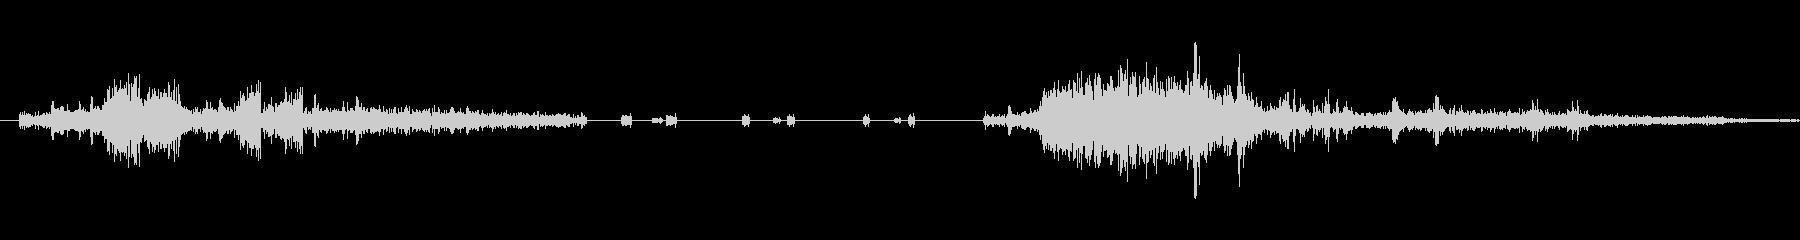 小型サーボアーティキュレーションA...の未再生の波形